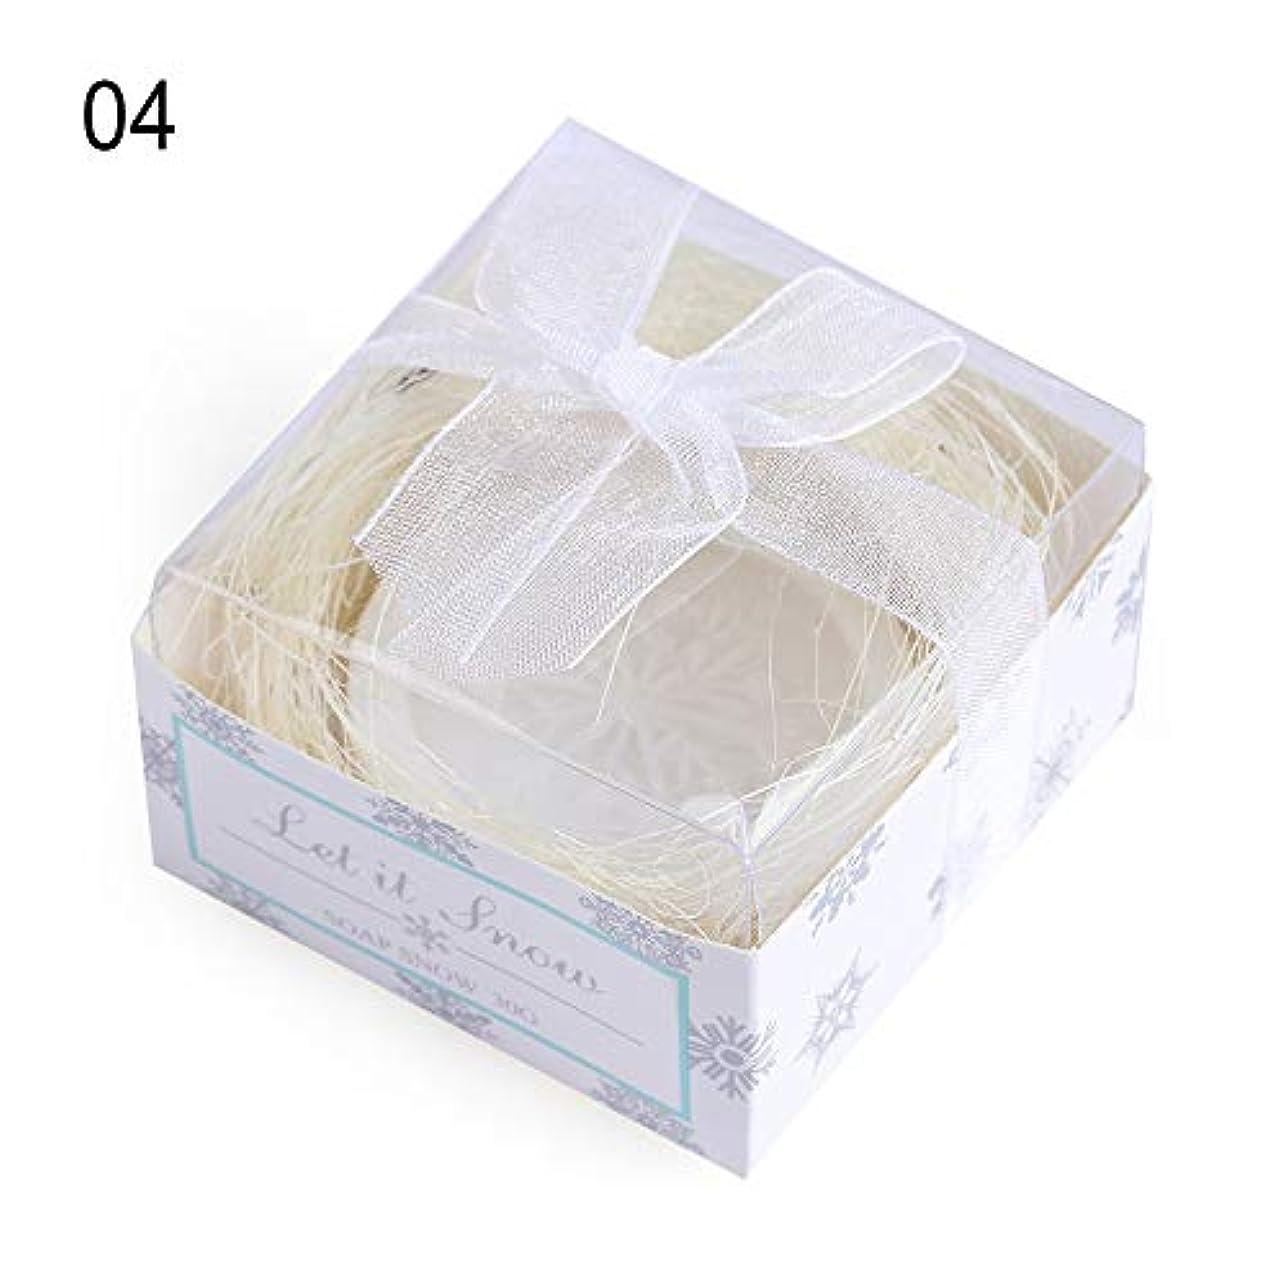 アパート行ふりをする手作り石鹸ミニ様々なファッション形状デザイン浴室石鹸結婚式パーティーハンドギフト